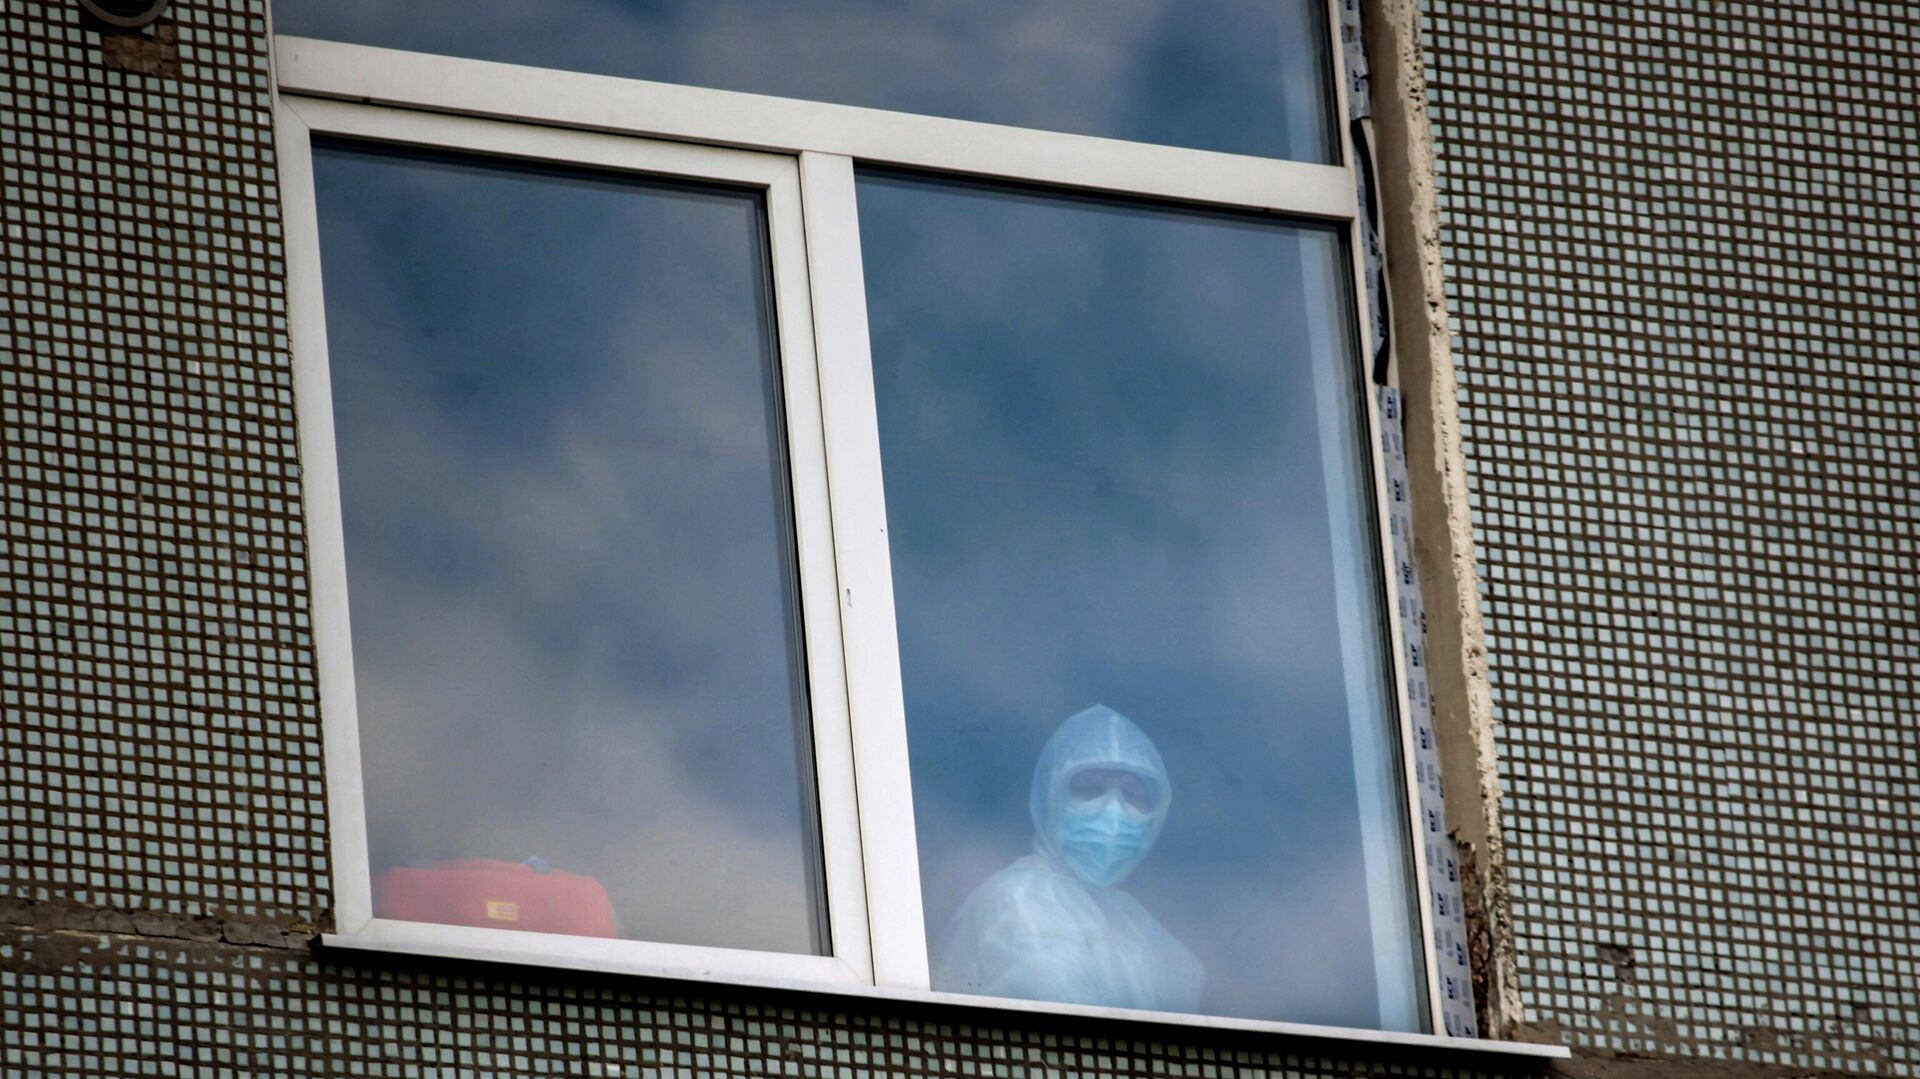 Медицинский работник в окне одной из палат Иркутской областной инфекционной больницы - РИА Новости, 1920, 22.01.2021